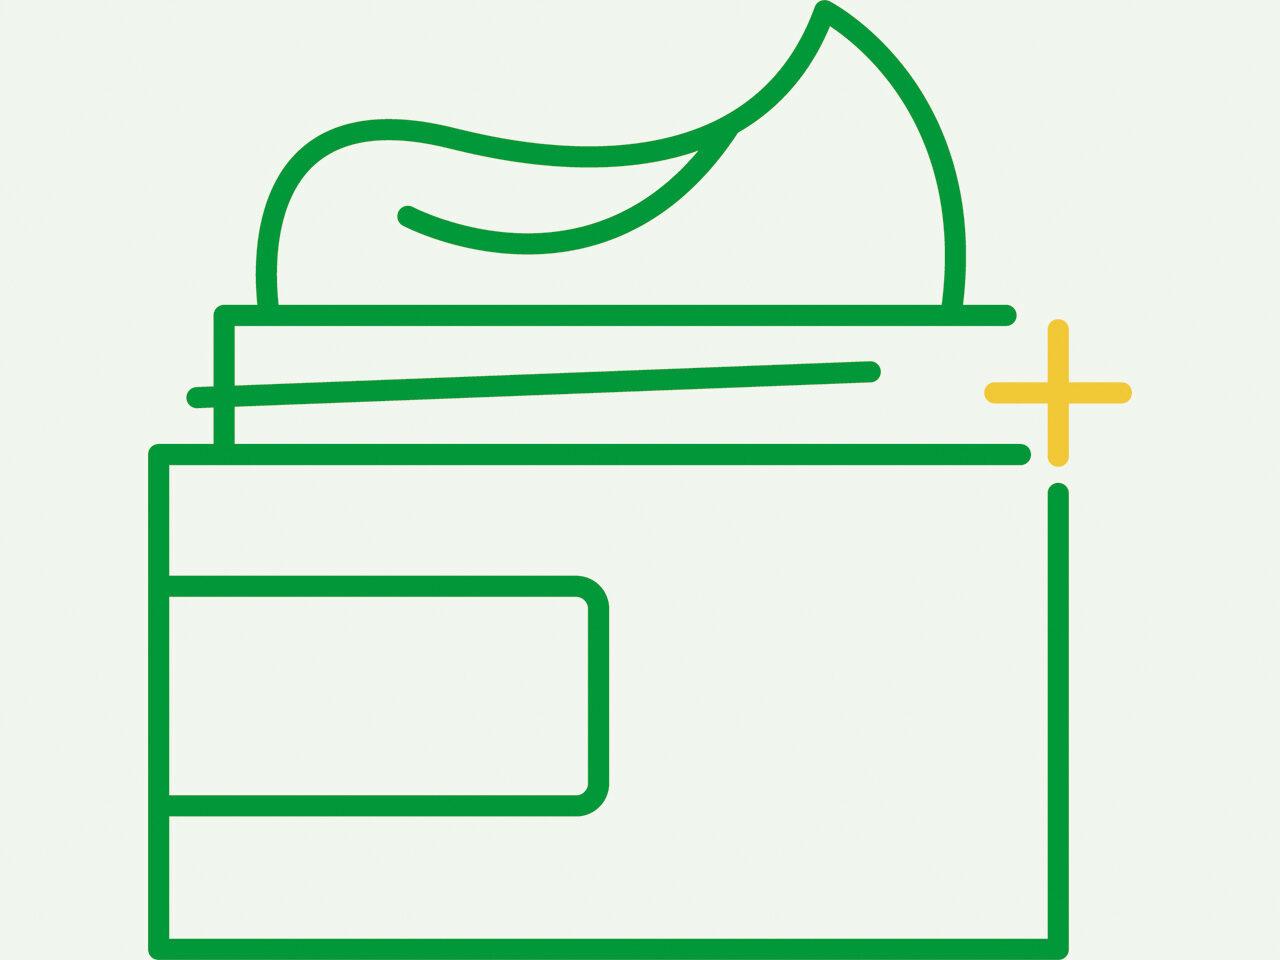 ikon, kosmetika, märkningsområde, produktområde, verksamhetsområde